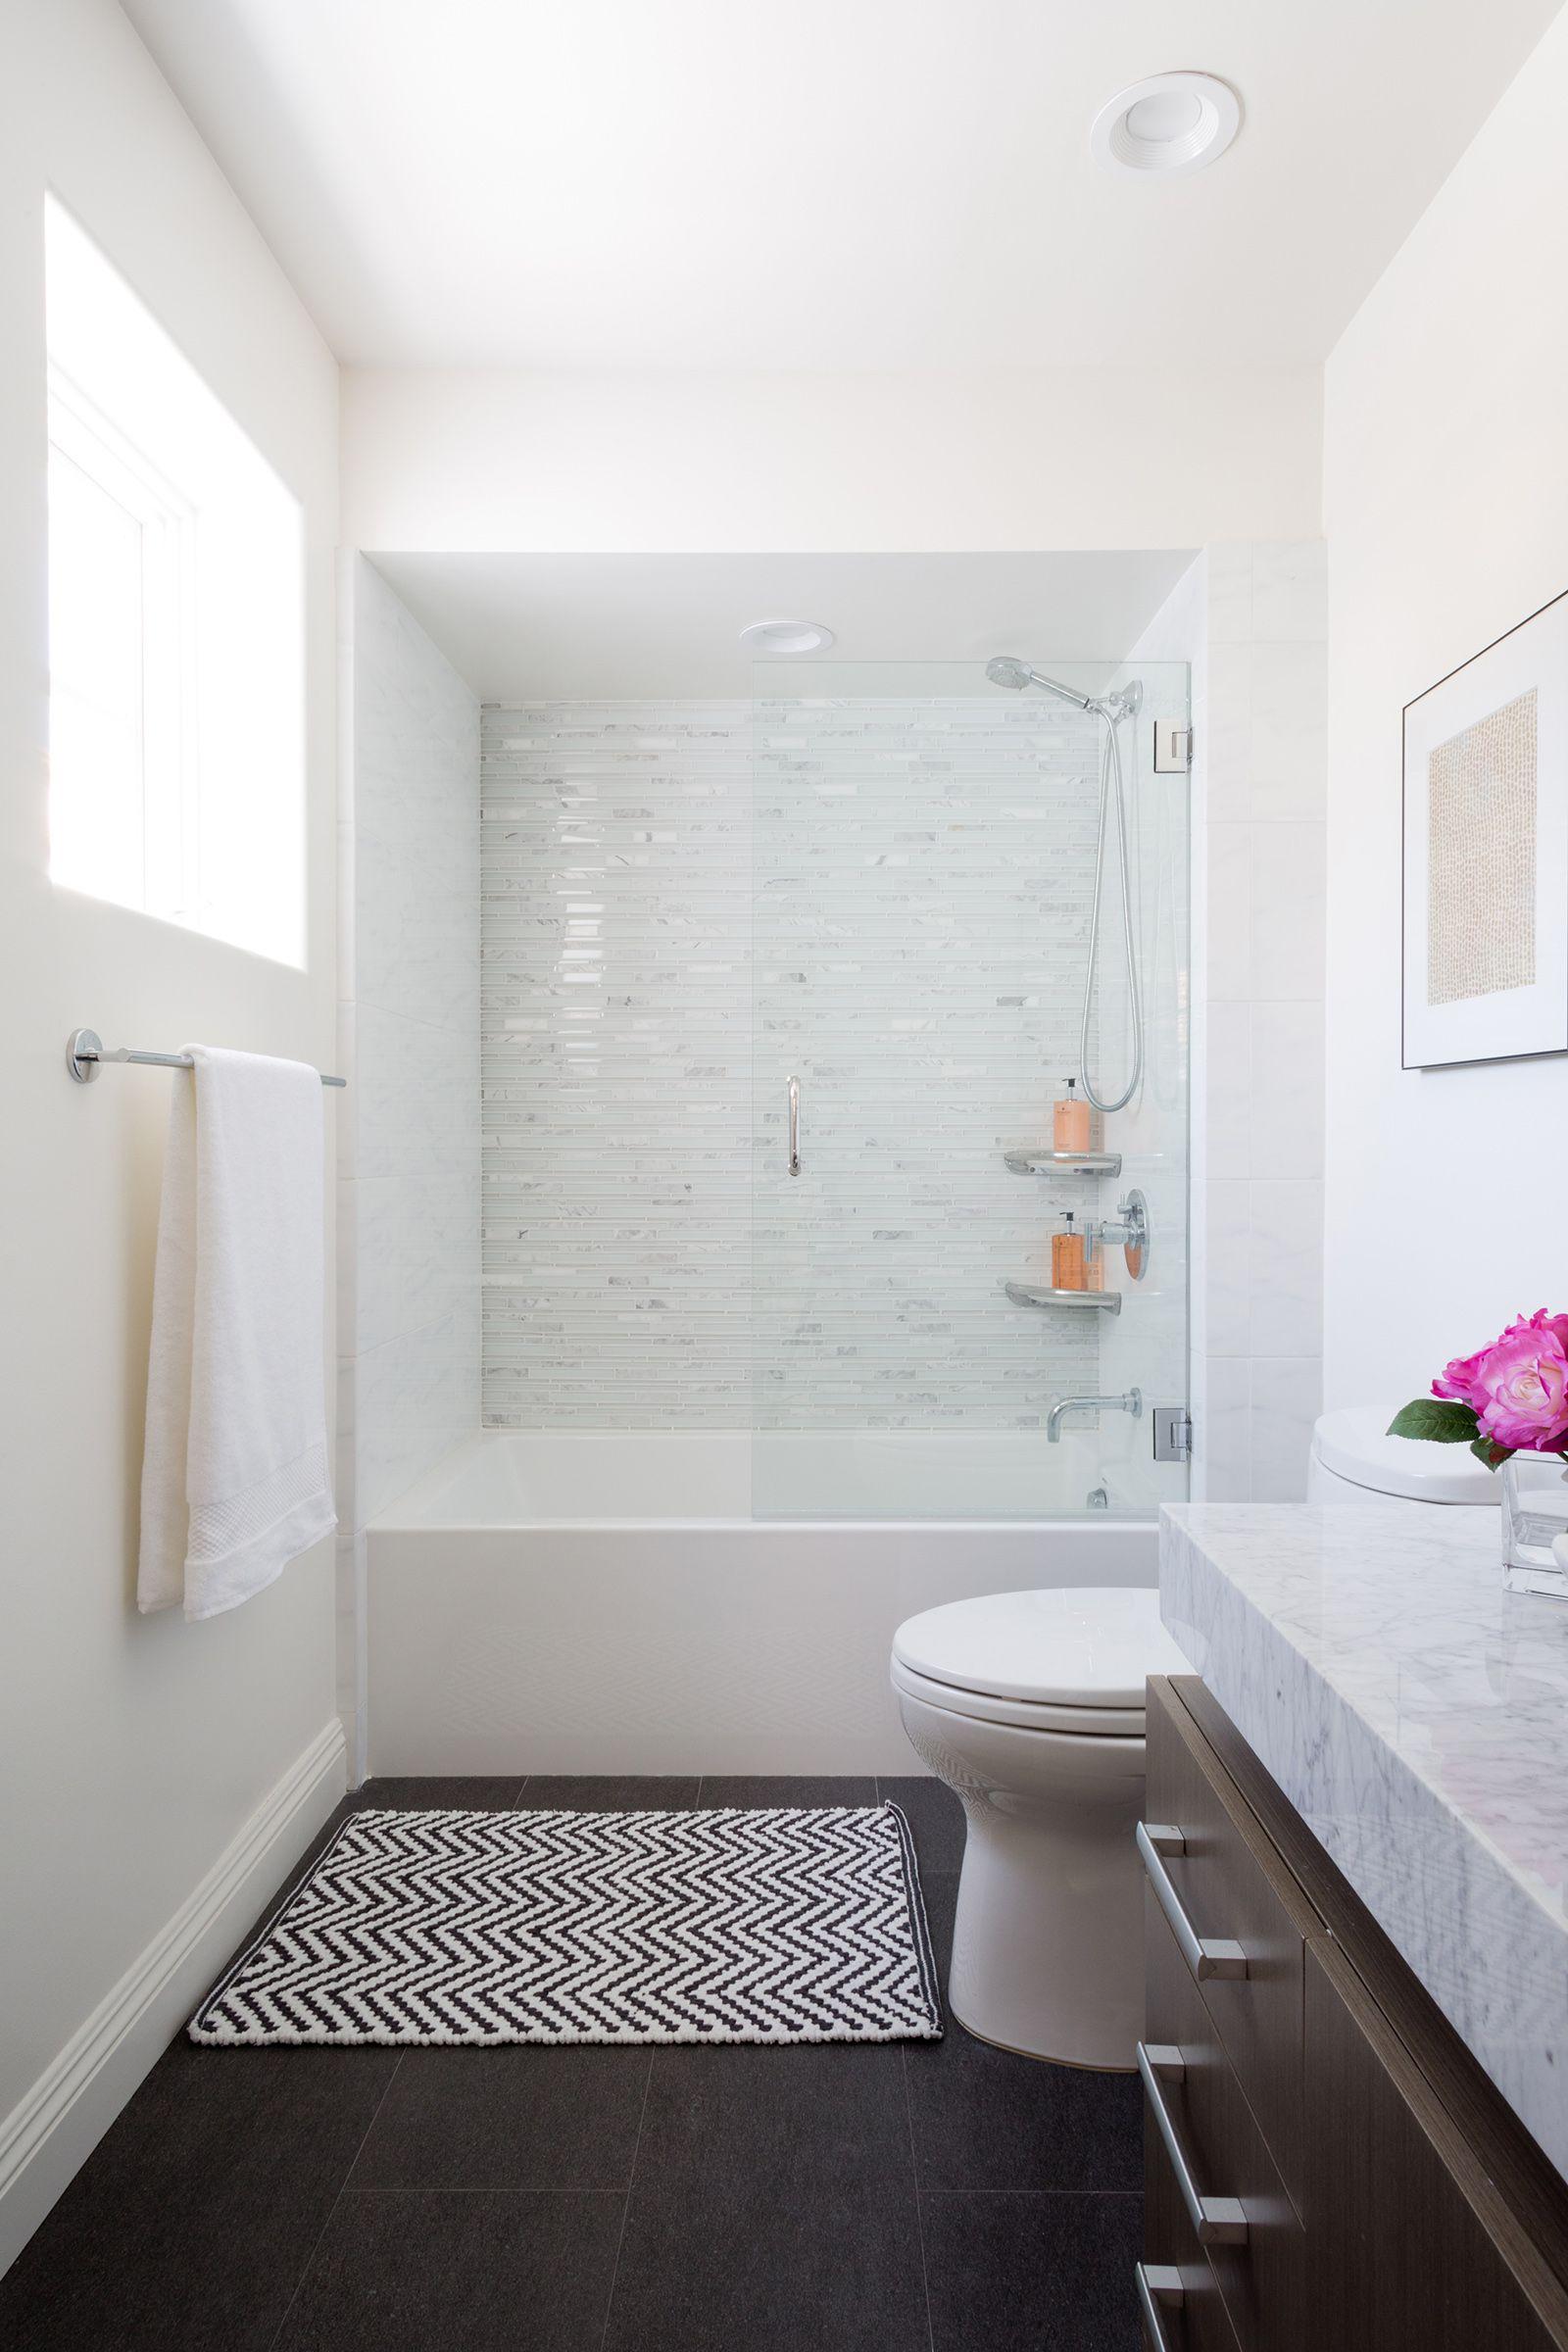 Calabasas Guest Bathroom Bathroom Remodel Shower Shower Remodel Bathrooms Remodel